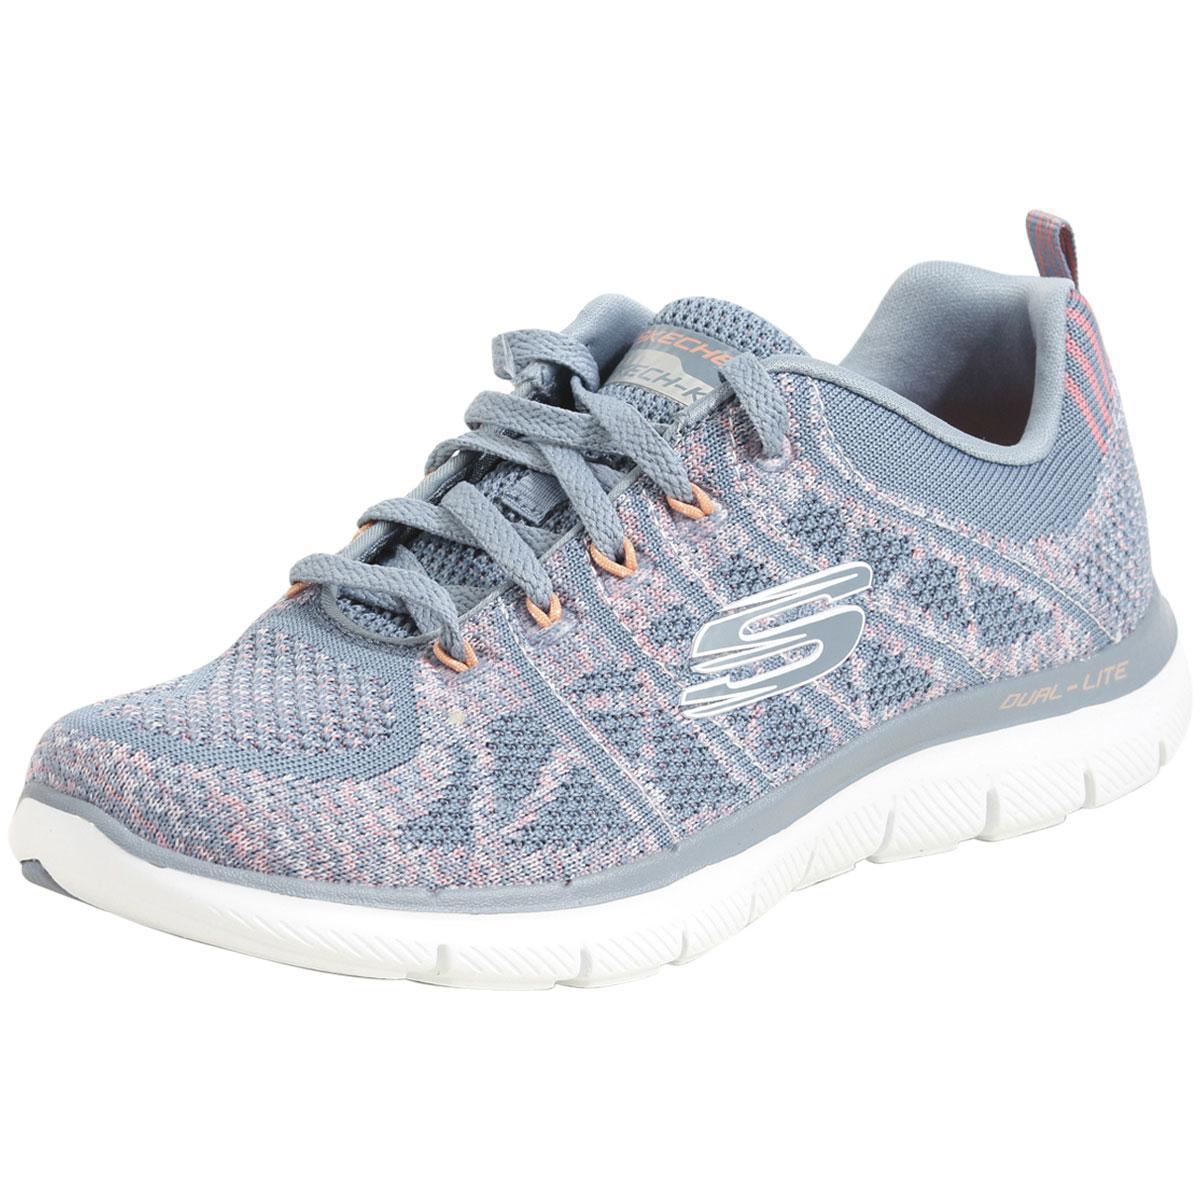 8748c1c8b1b Skechers Women s Flex-Appeal-2.0 New Gem Memory Foam Sneakers Shoes